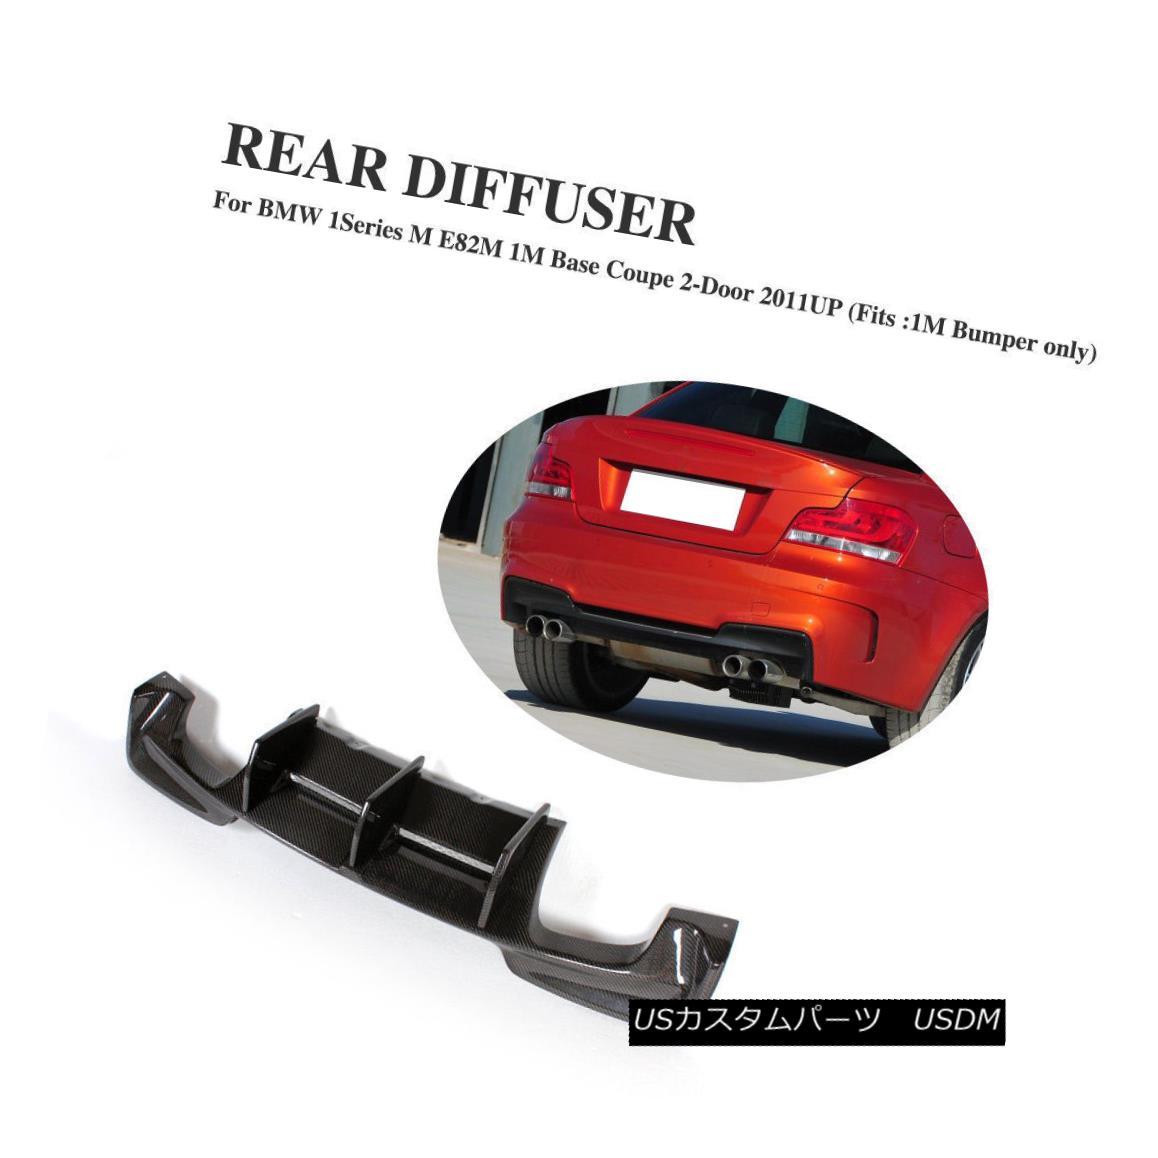 エアロパーツ Carbon Fiber Rear Diffuser Lip for BMW 1Series E82 1M Bumper Base Coupe 11-16 BMW 1シリーズE82 1Mバンパーベースクーペ11-16用カーボンファイバーリアディフューザーリップ